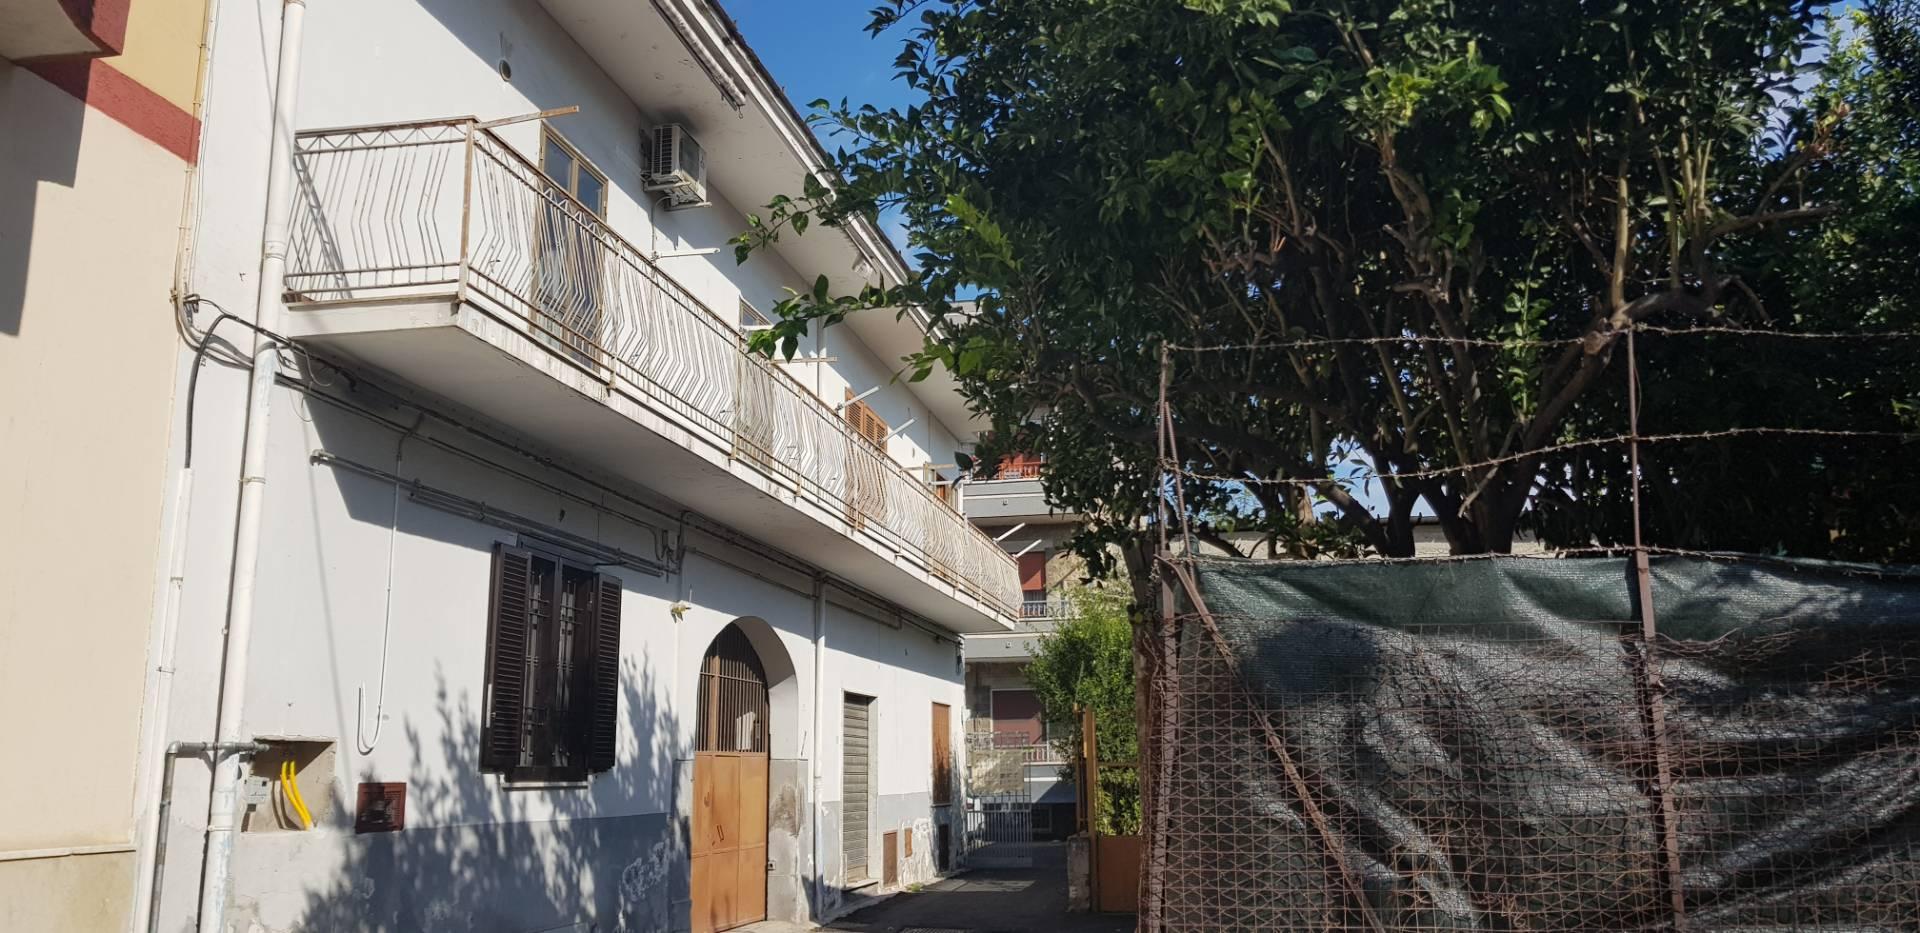 Appartamento in vendita a Brusciano, 3 locali, prezzo € 80.000 | CambioCasa.it